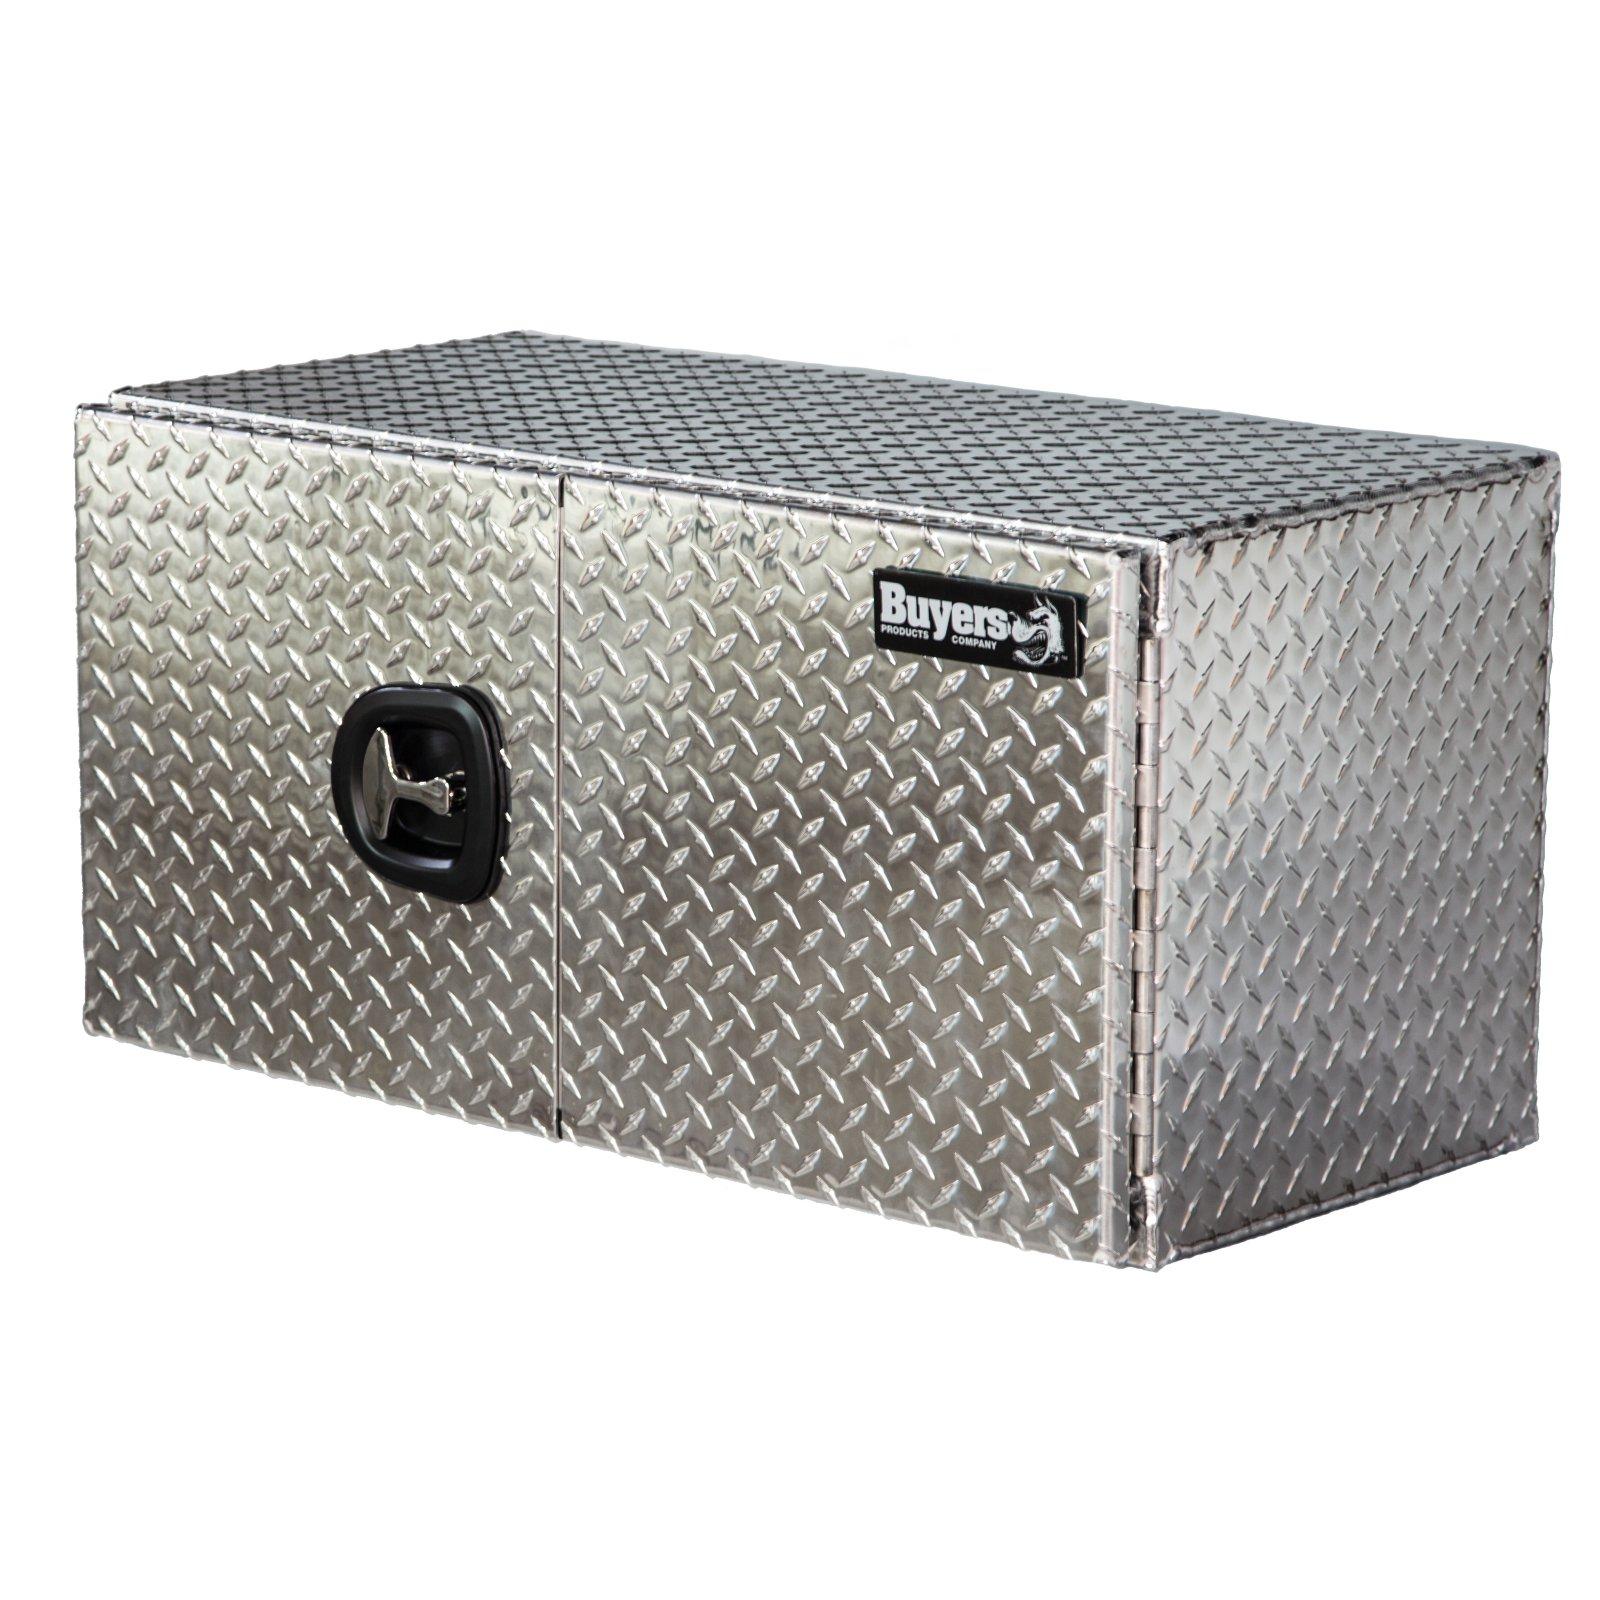 Buyers Aluminum Double Barn-Door Underbody Tool Box